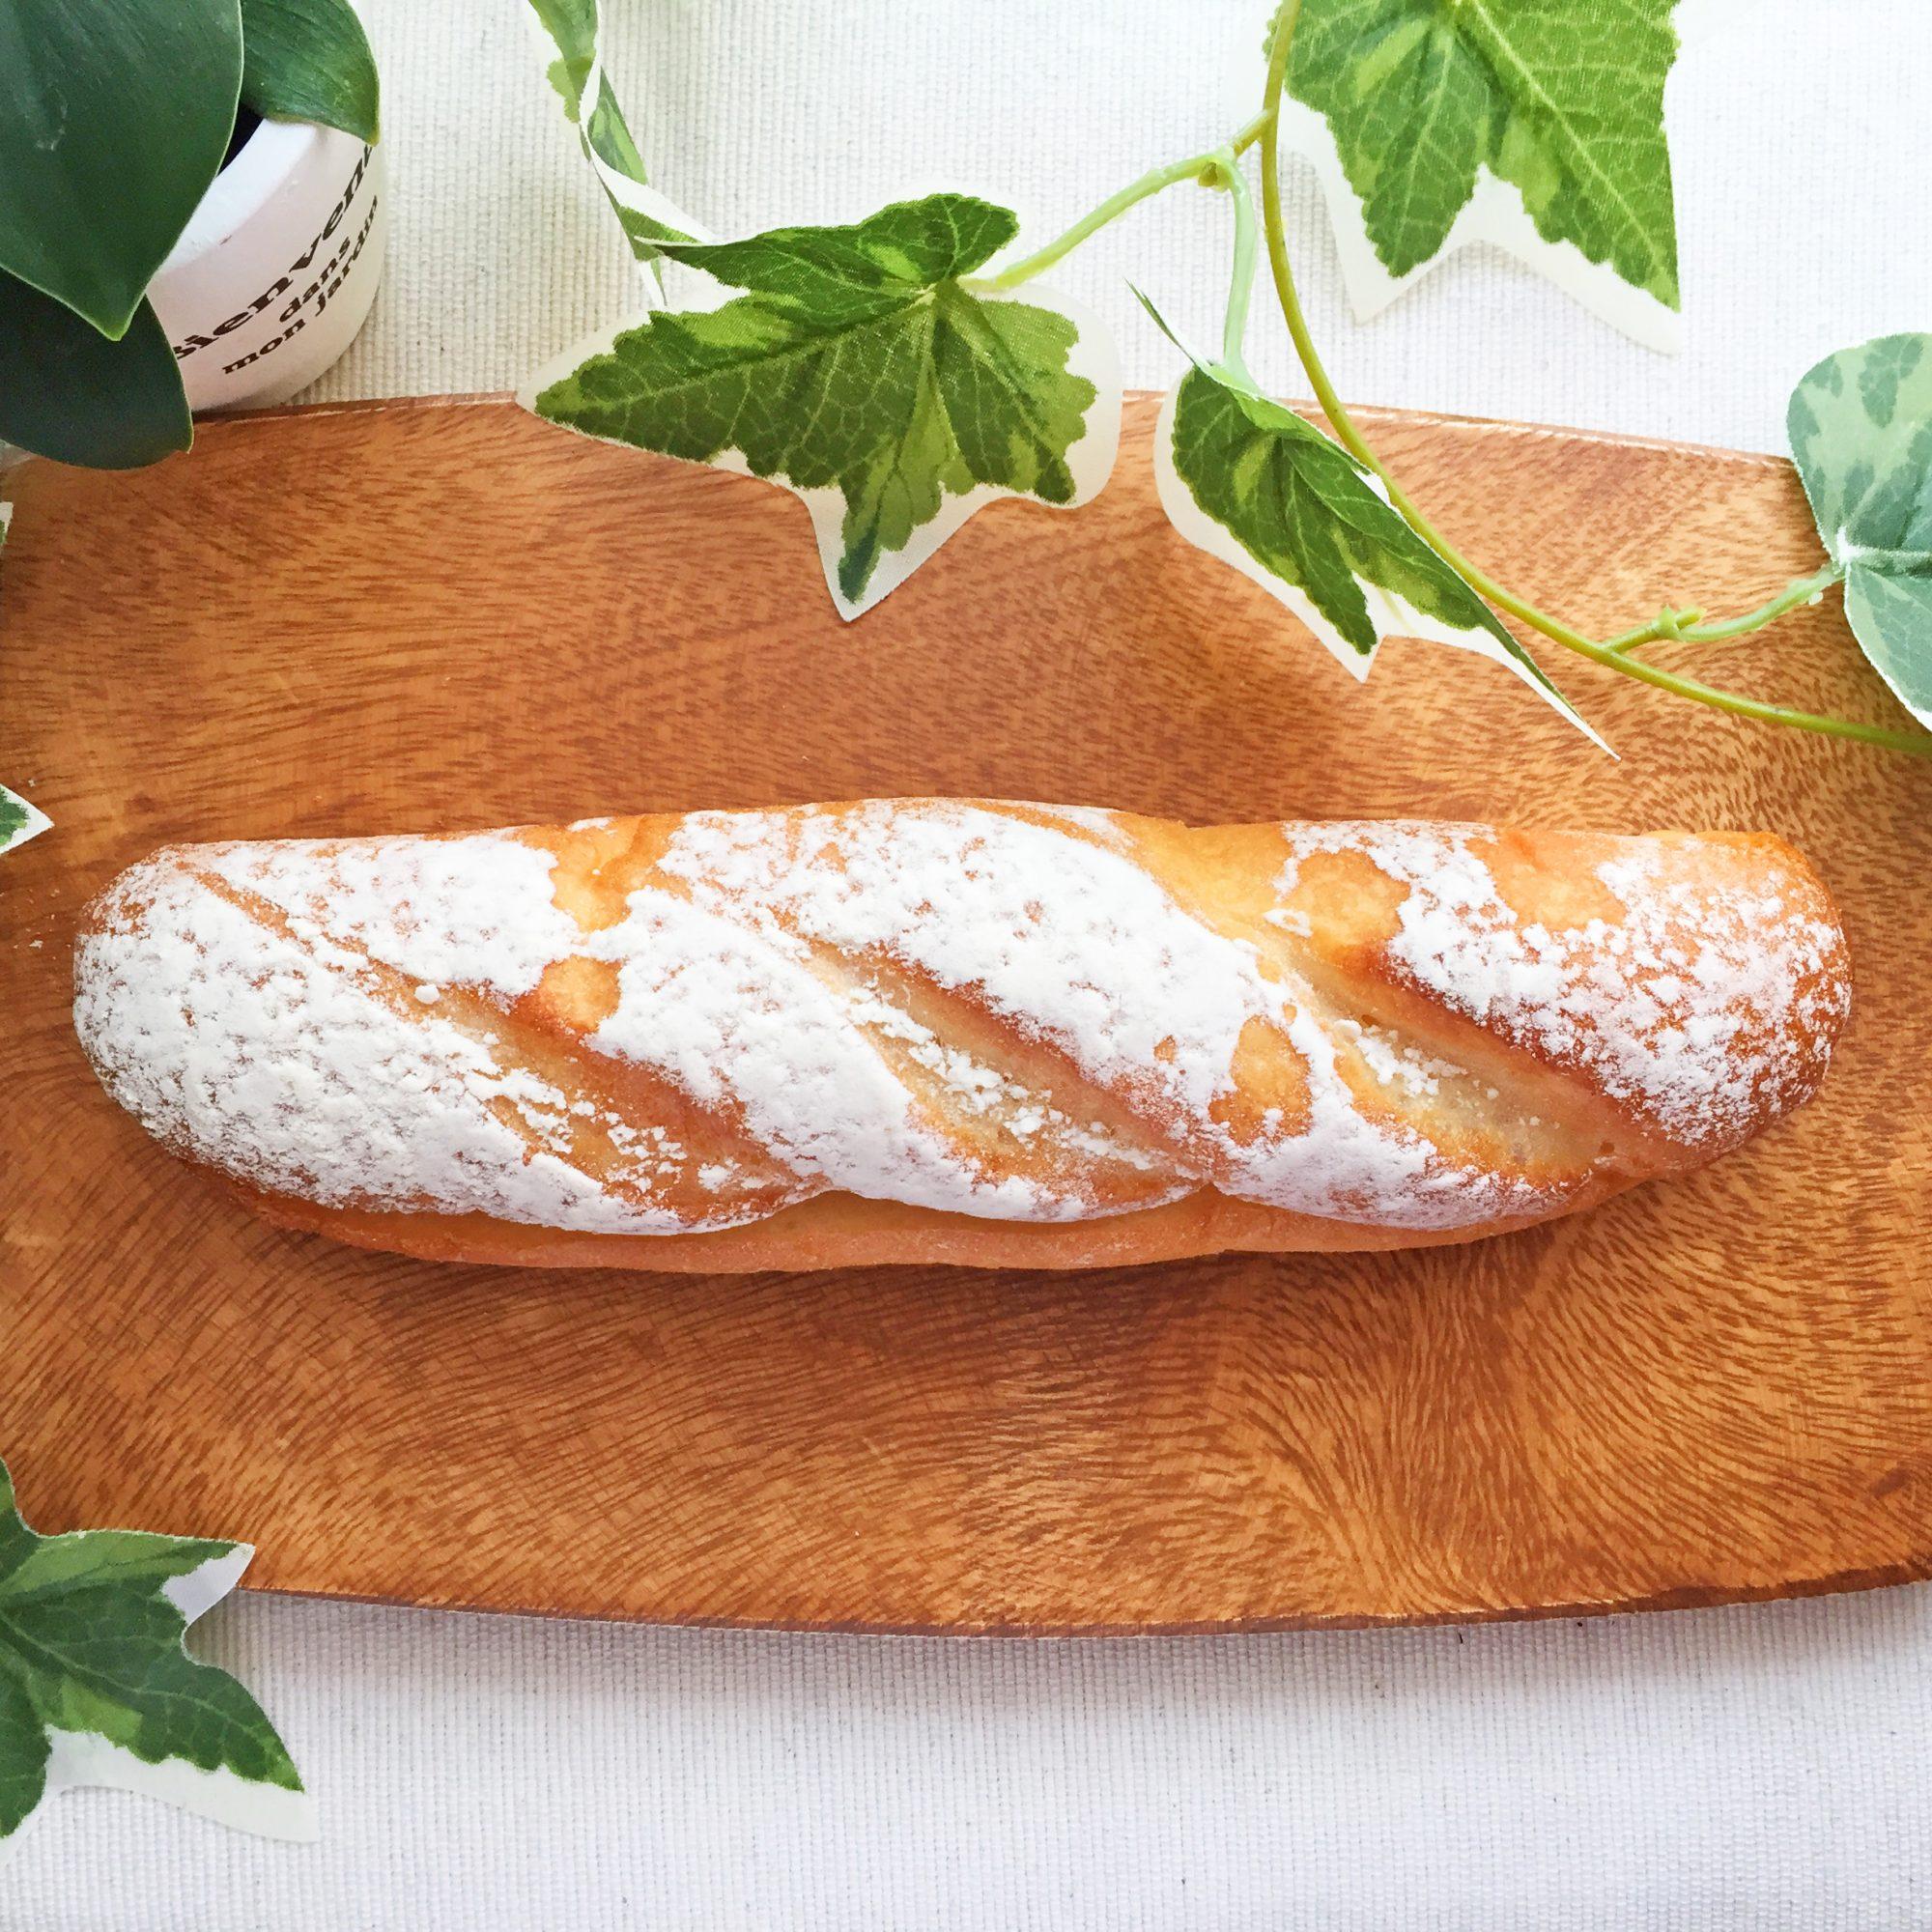 セブン−イレブン『練乳たっぷりクリームフランス』はたっぷり練乳クリームがコクうま!約22cmのロングサイズで圧巻の良コスパパン◎